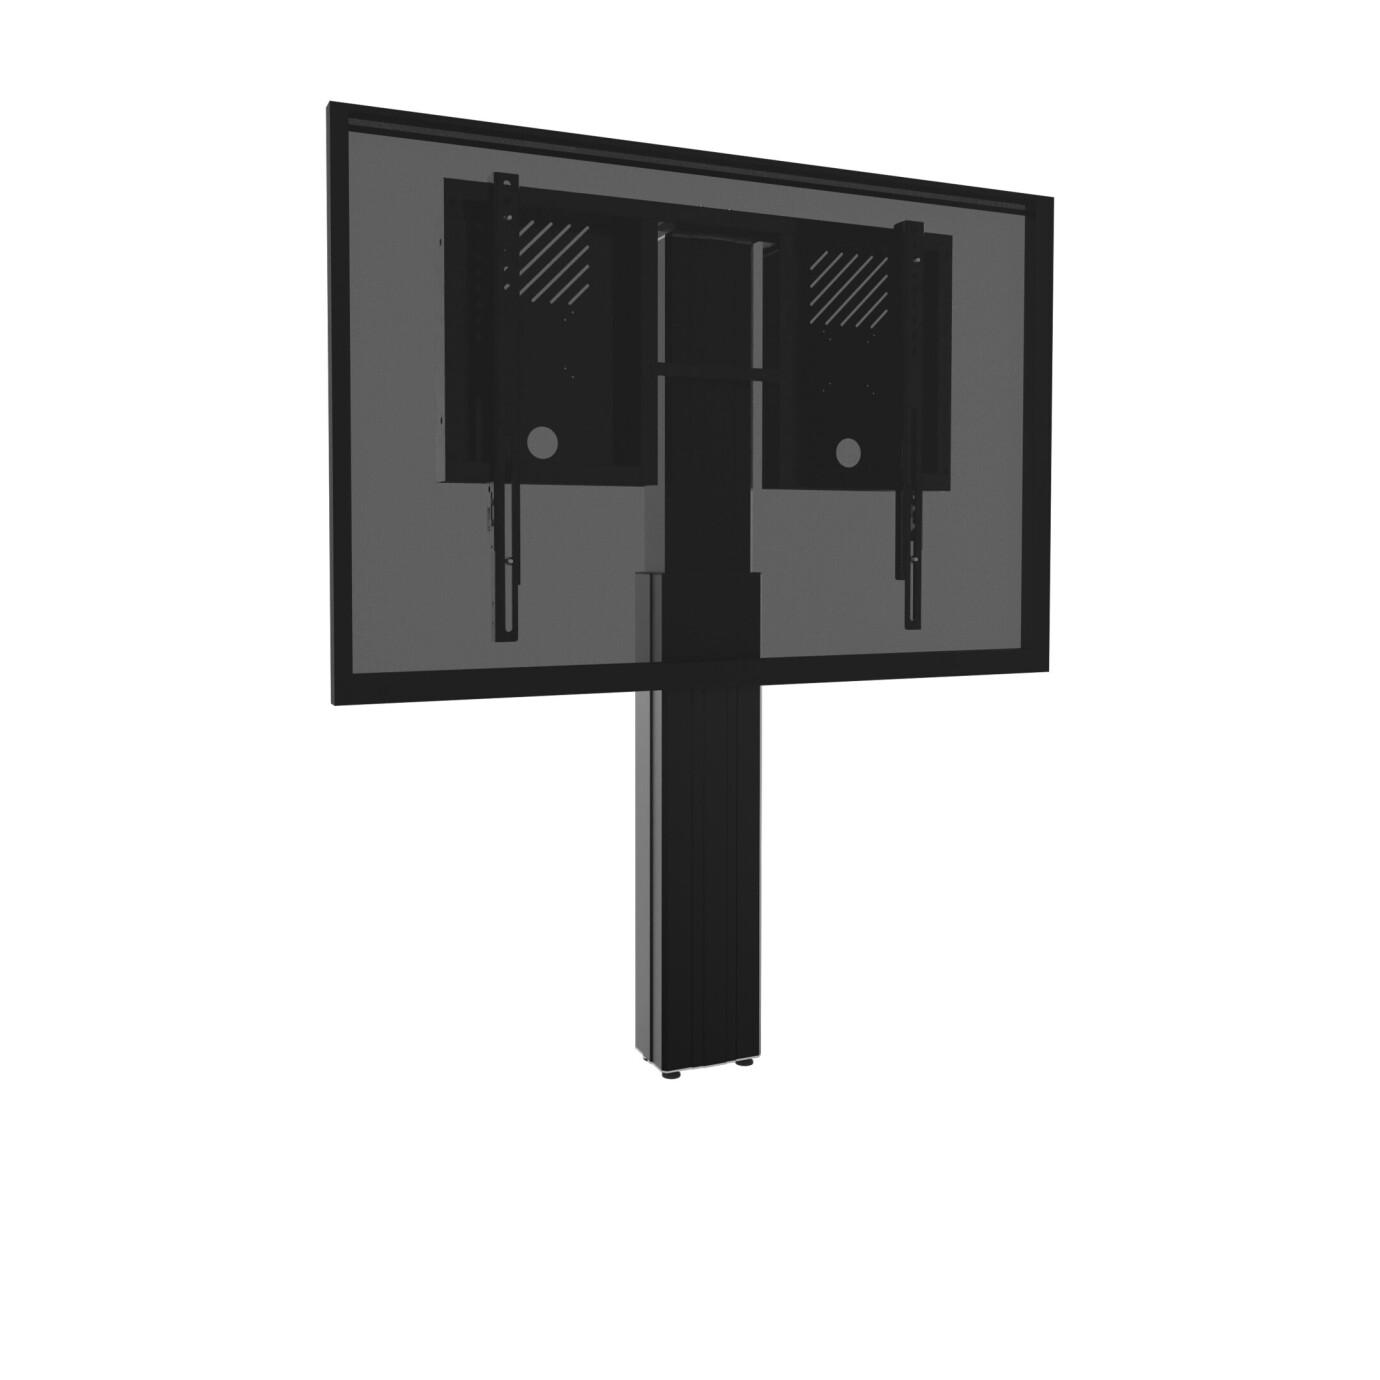 celexon Expert elektrisch höhenverstellbarer Display-Ständer Adjust-4275WB mit Wandbefestigung - 50cm